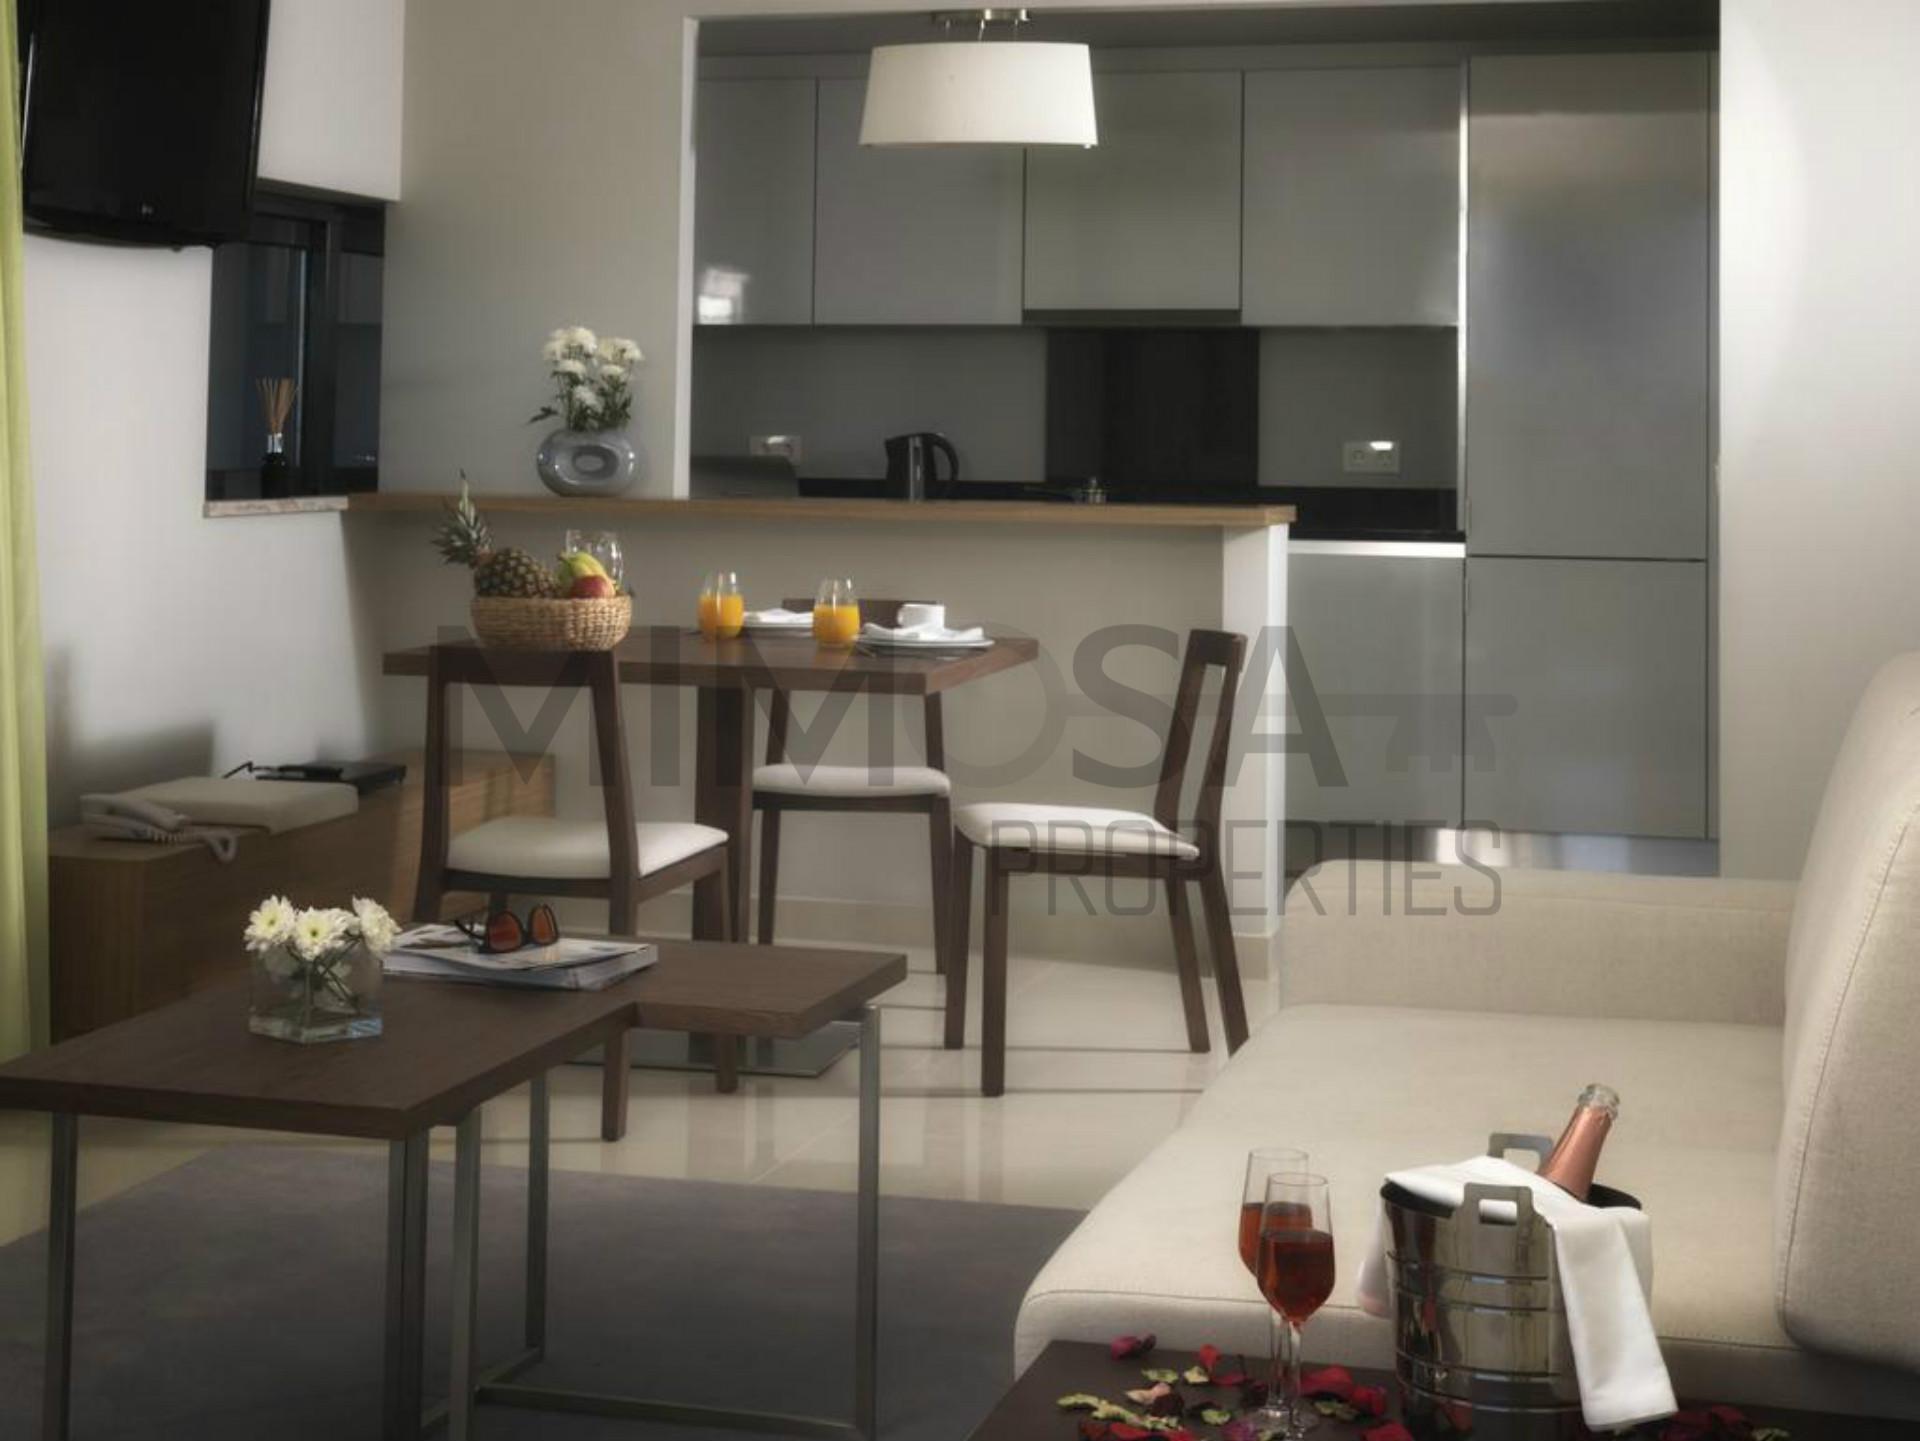 Apartment 2 Bedrooms Sale em Portimão,Portimão